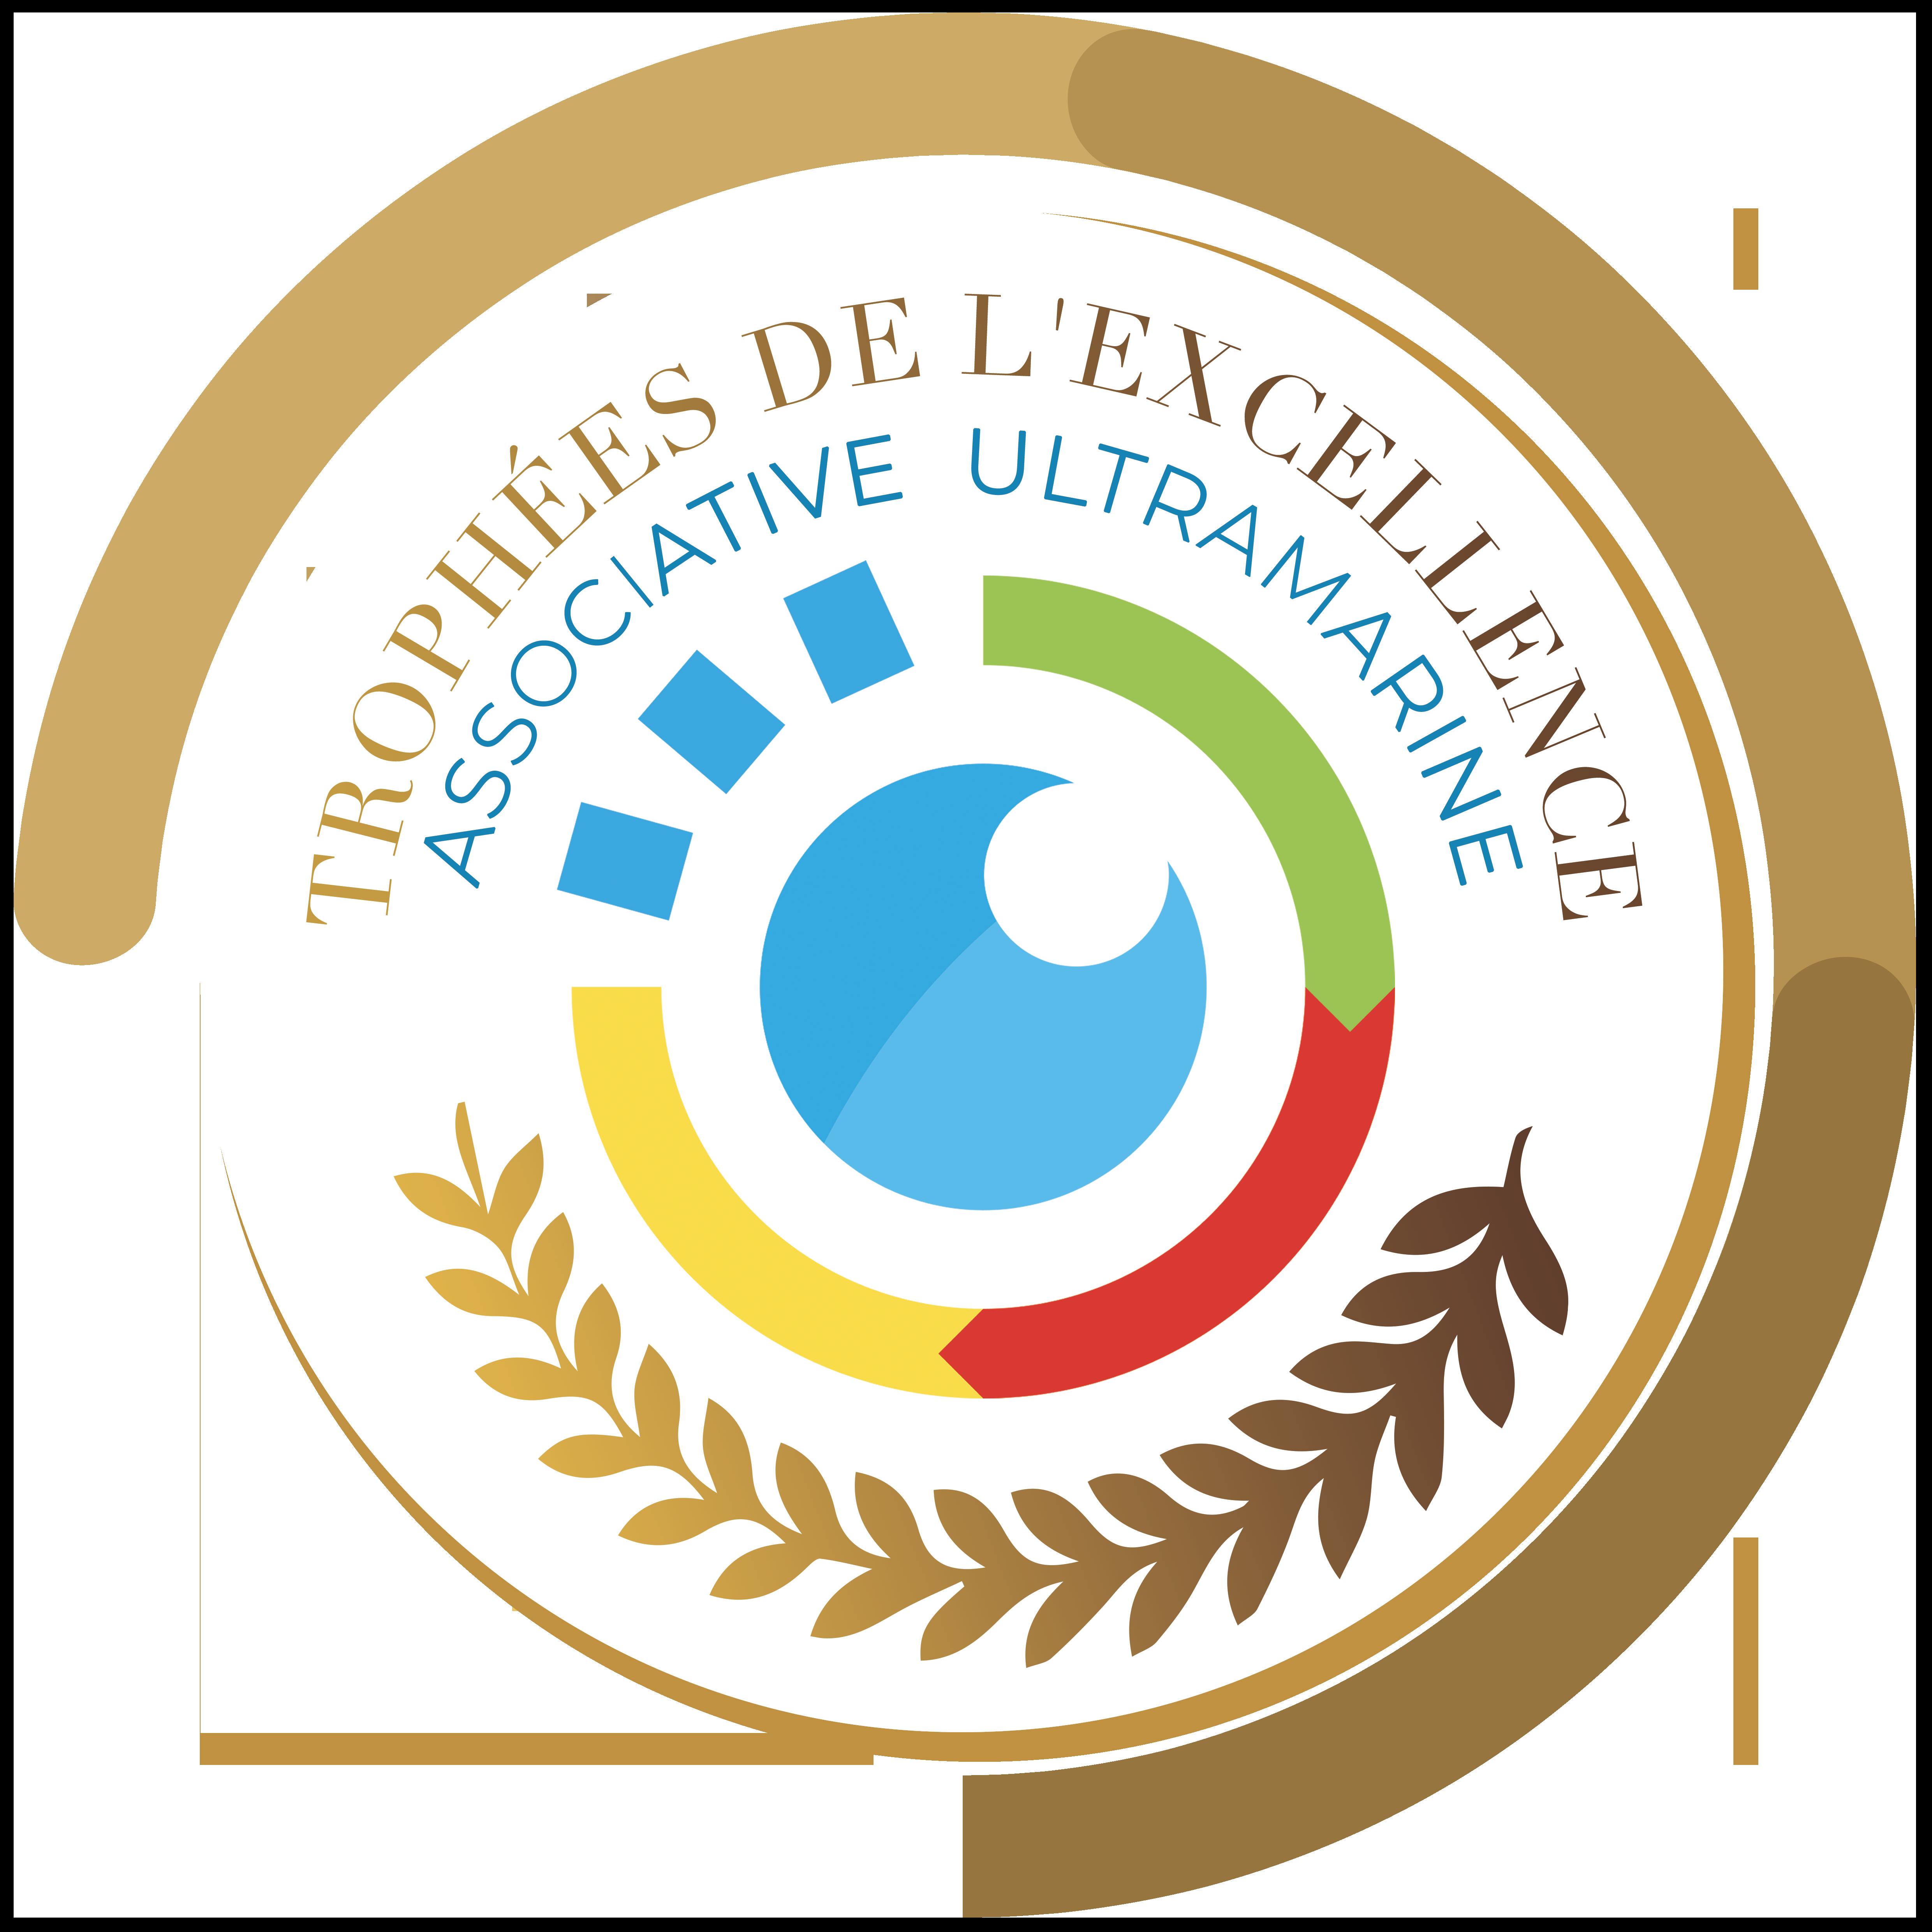 Vie associative : Première édition des Trophées de l'Excellence associative ultramarine le 7 février